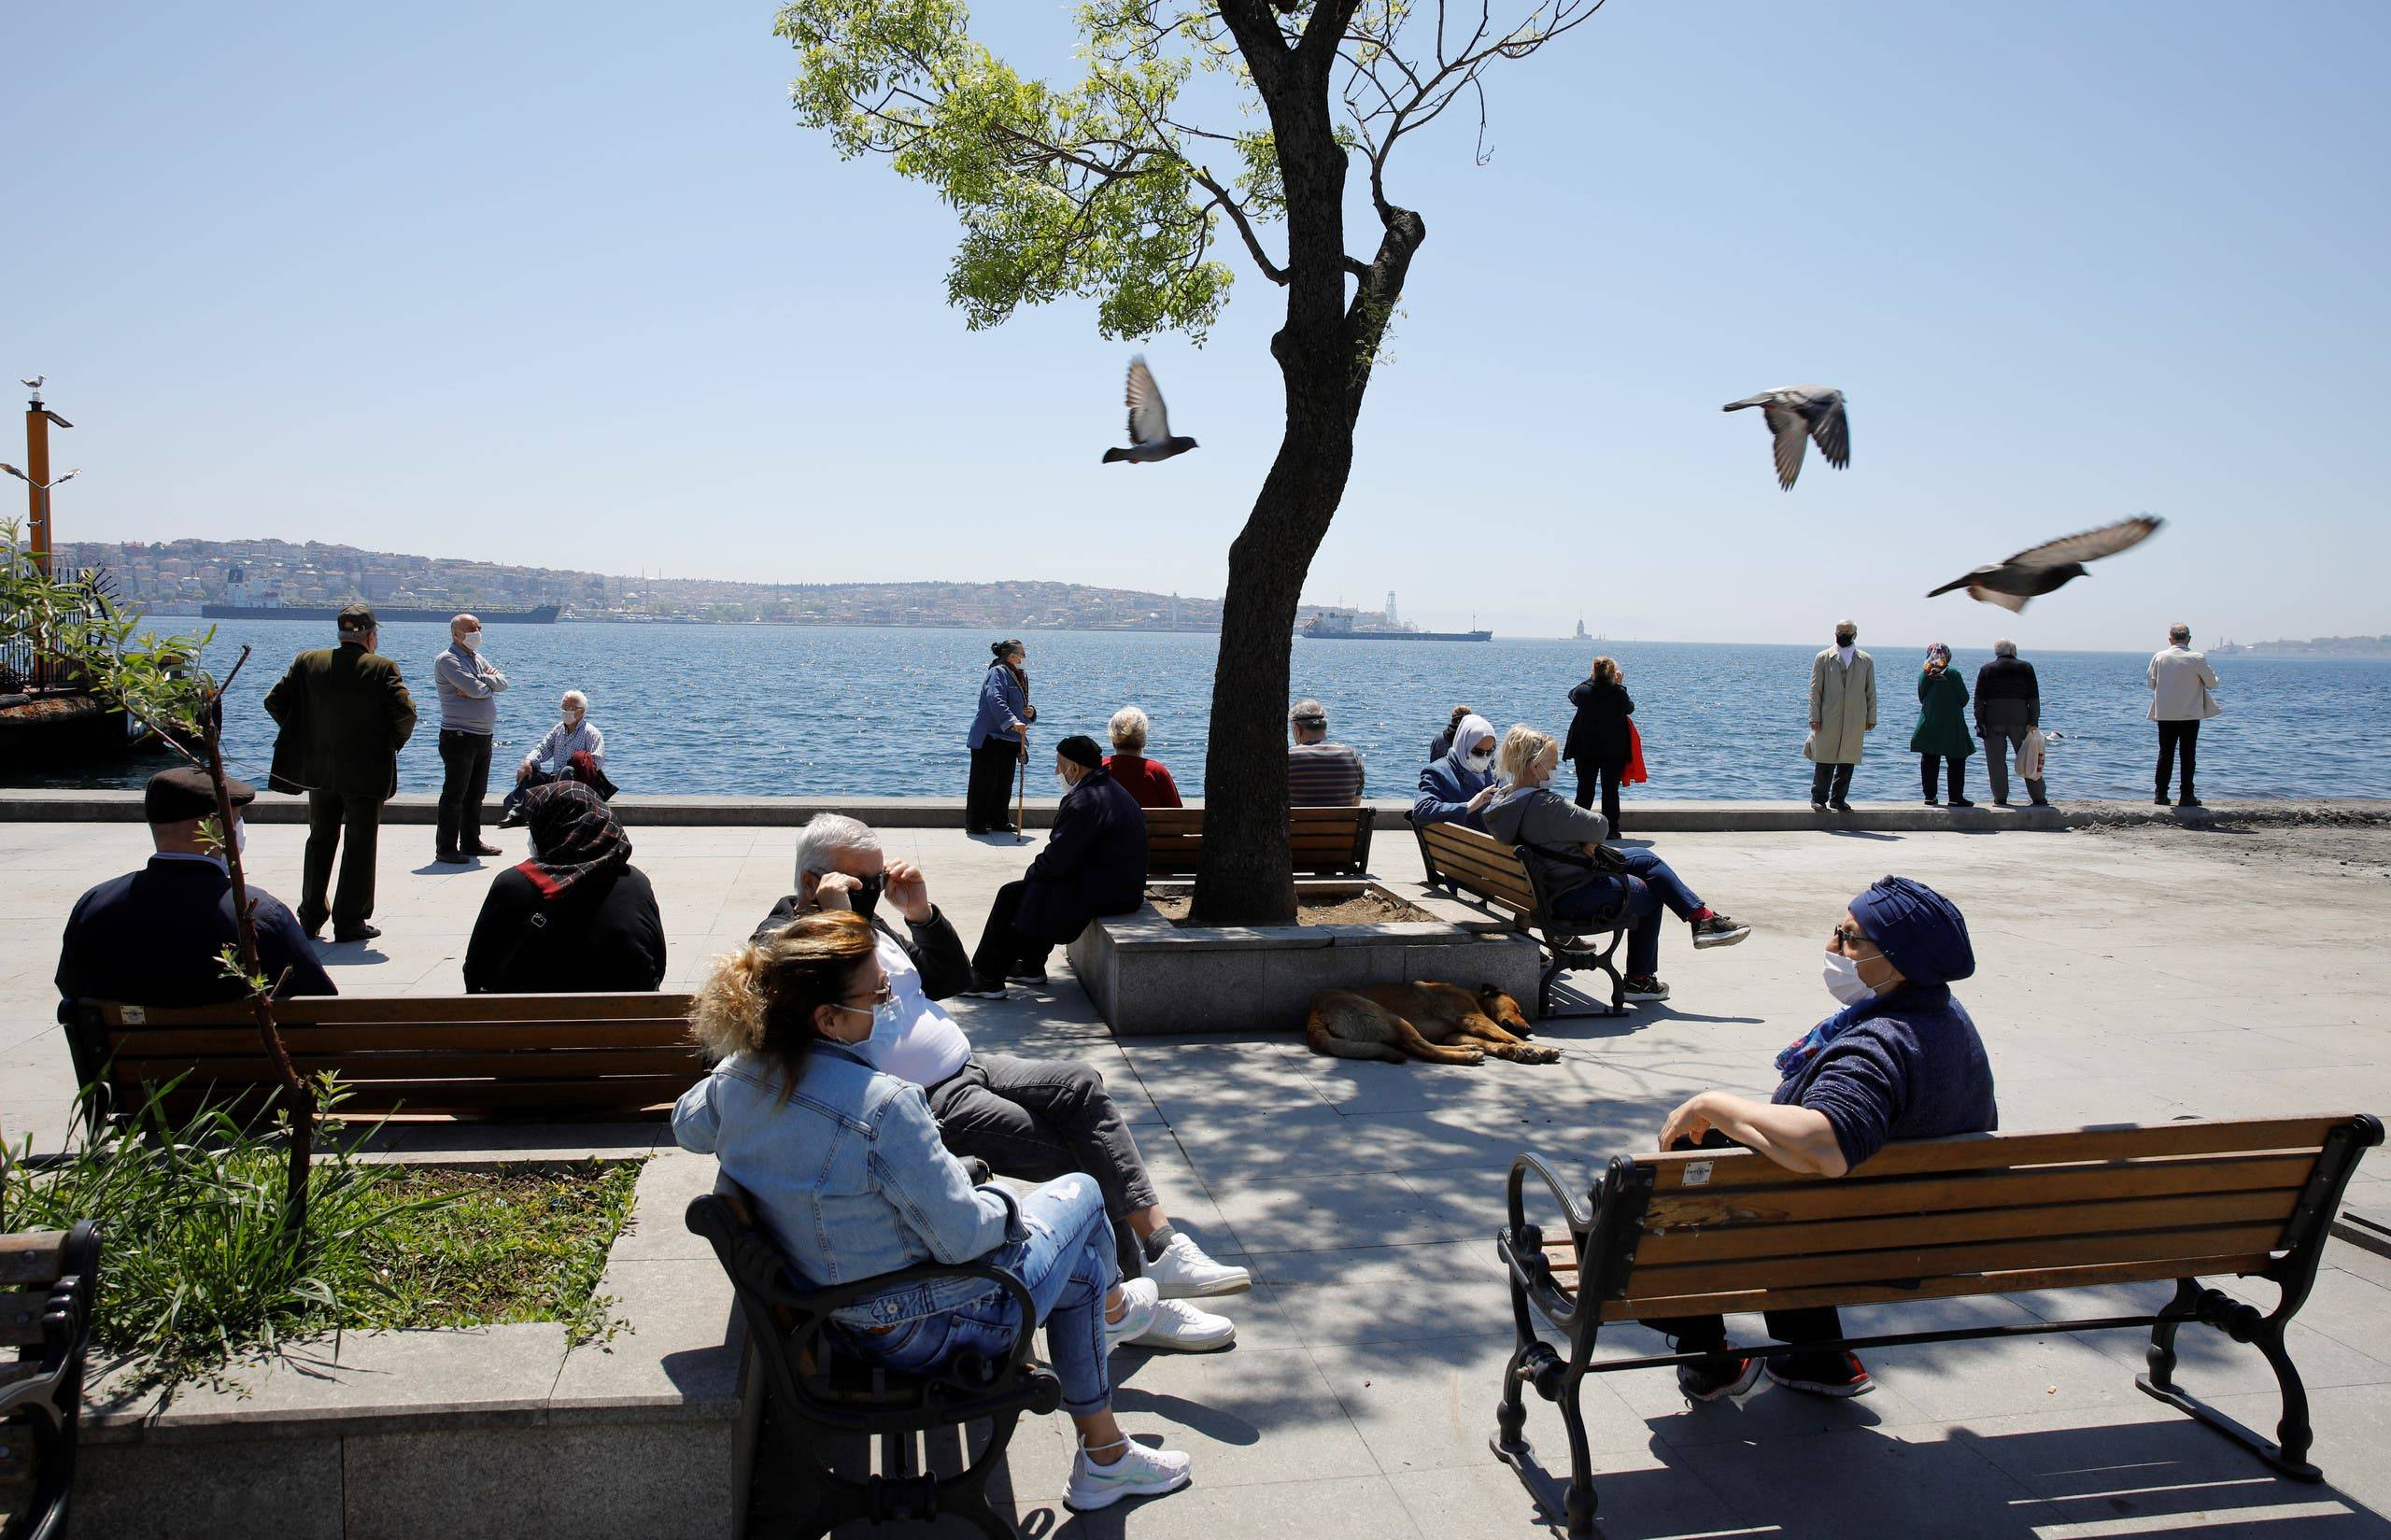 Когда откроют турцию в 2020 году: заявления главы турецких отельеров